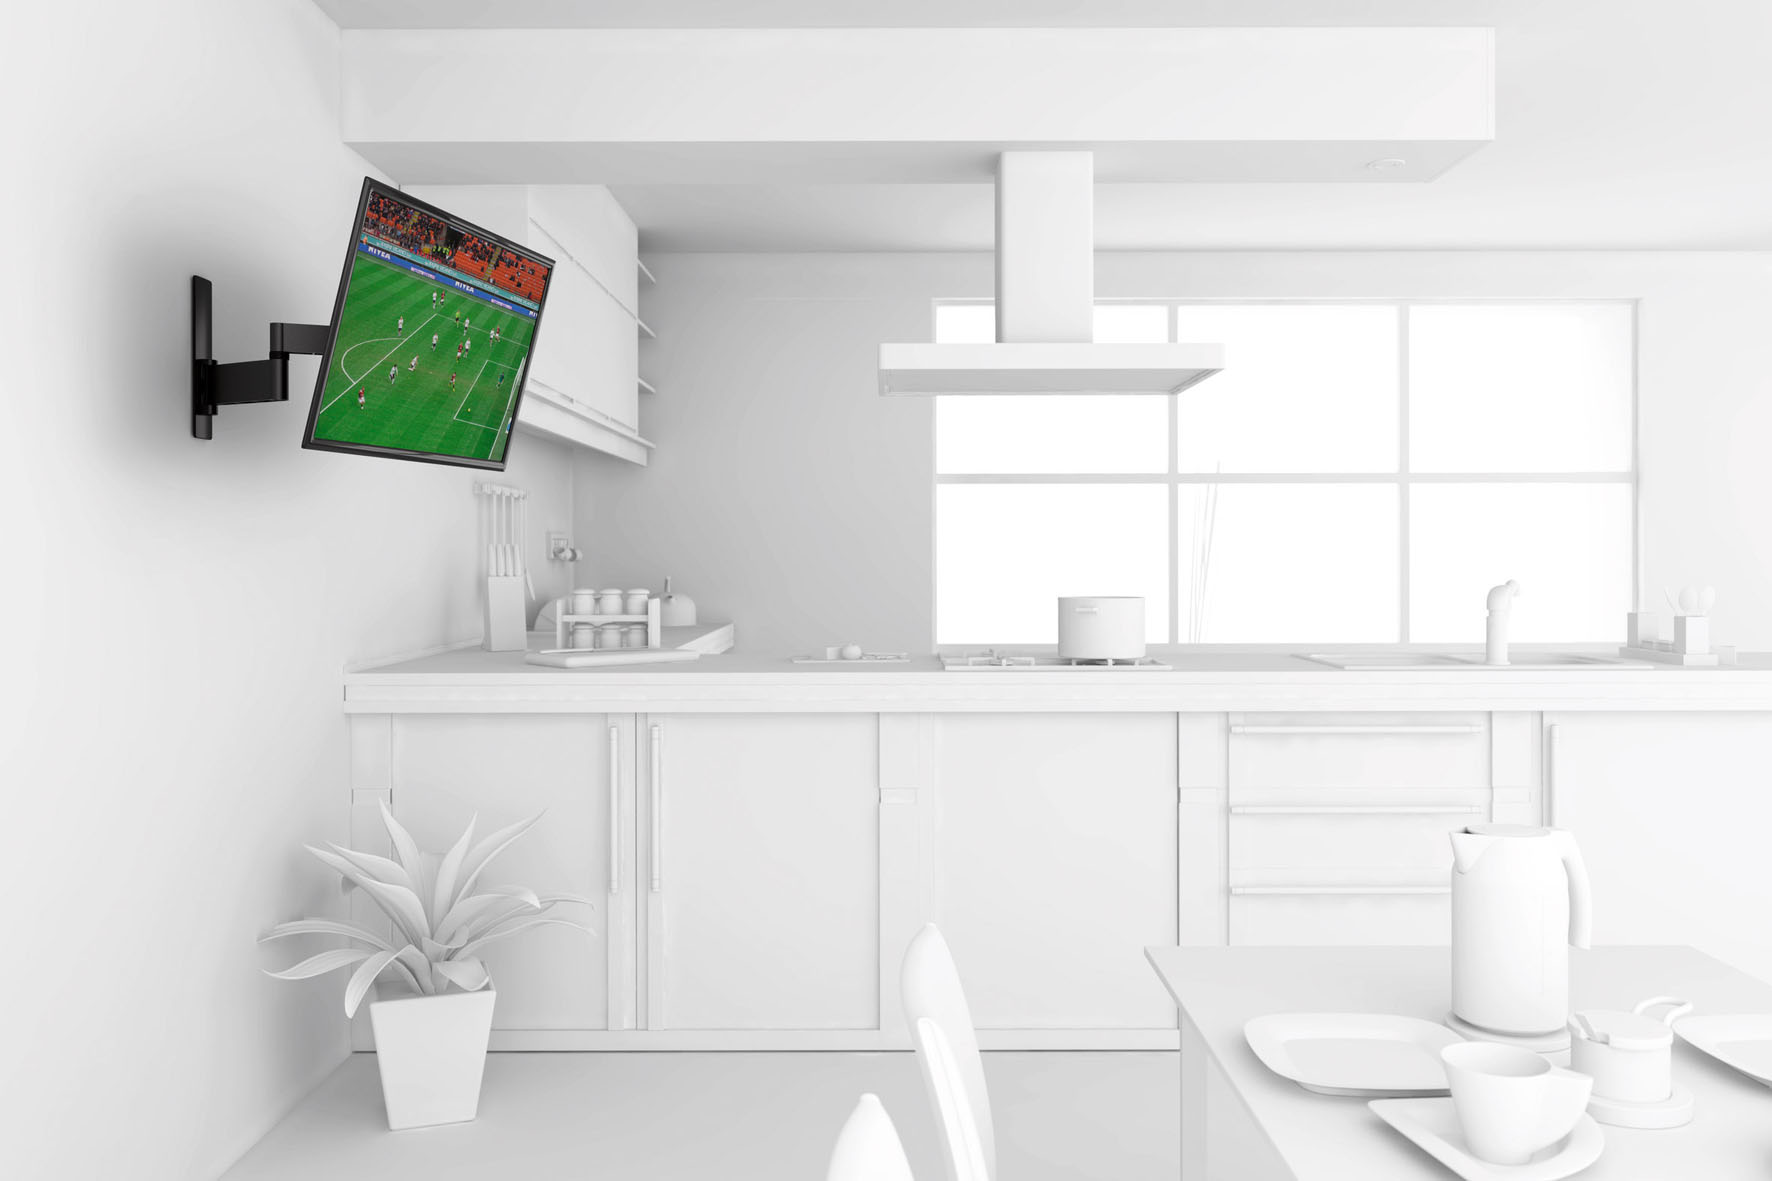 Praktische Neigefunktion: Eine gute Lösung, um den Bildschirm etwas höher zu platzieren oder auch im Bett Spielfilme und Sportereignisse verfolgen zu können.